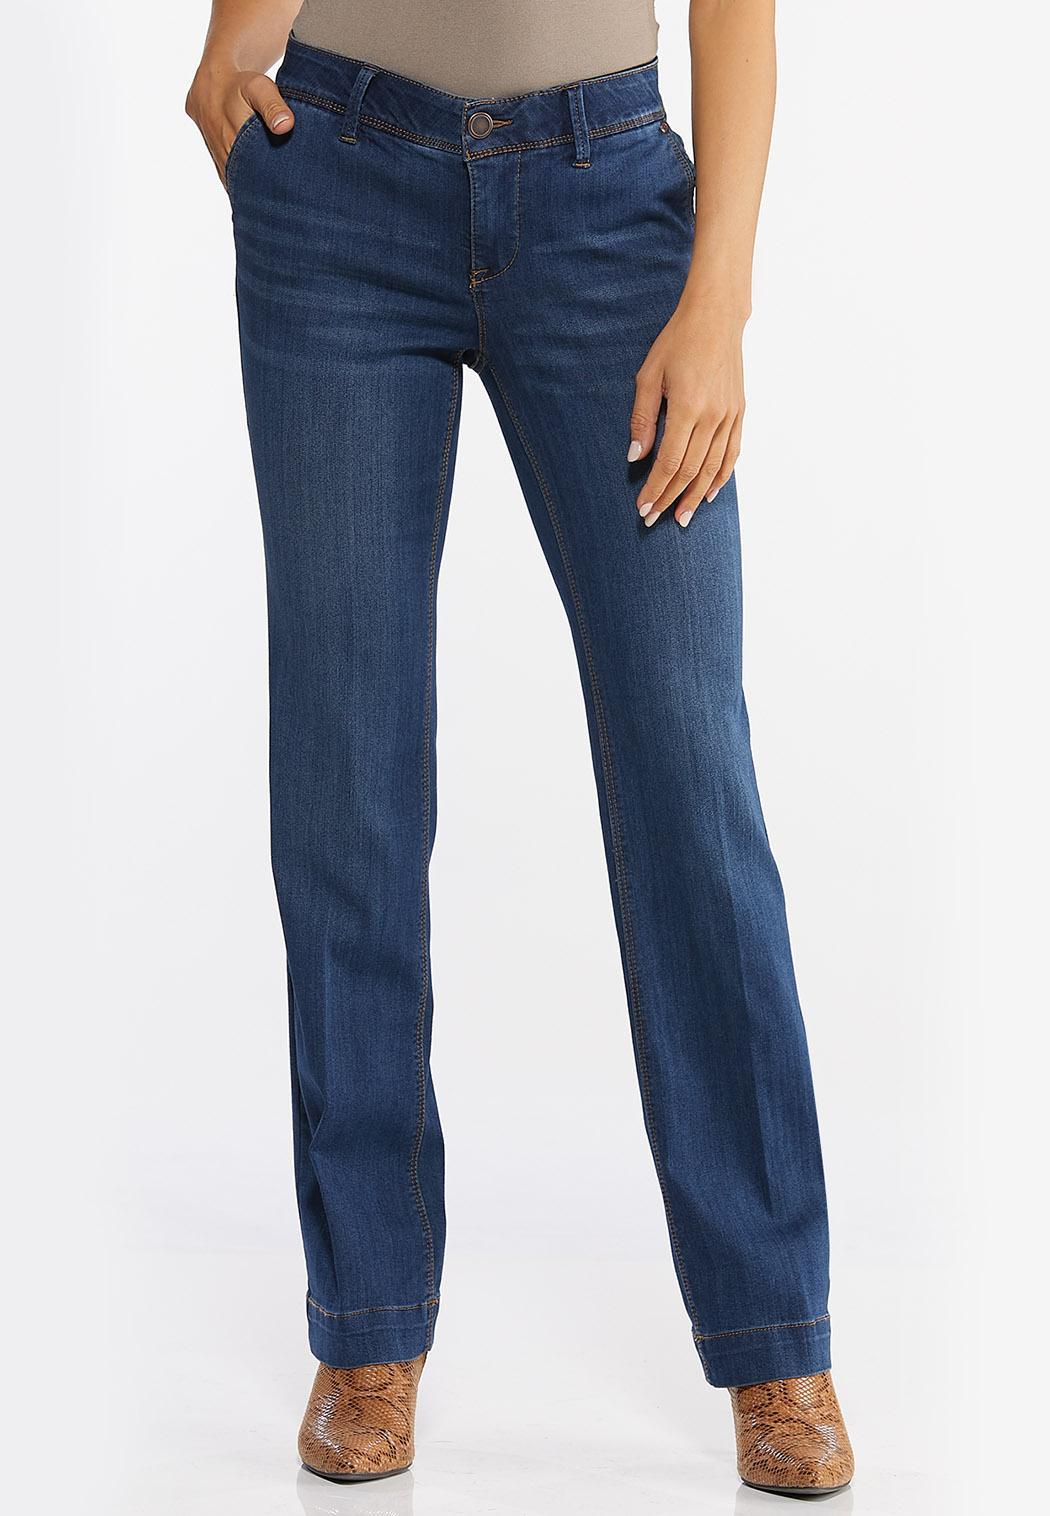 Petite Trouser Leg Jeans (Item #44412103)